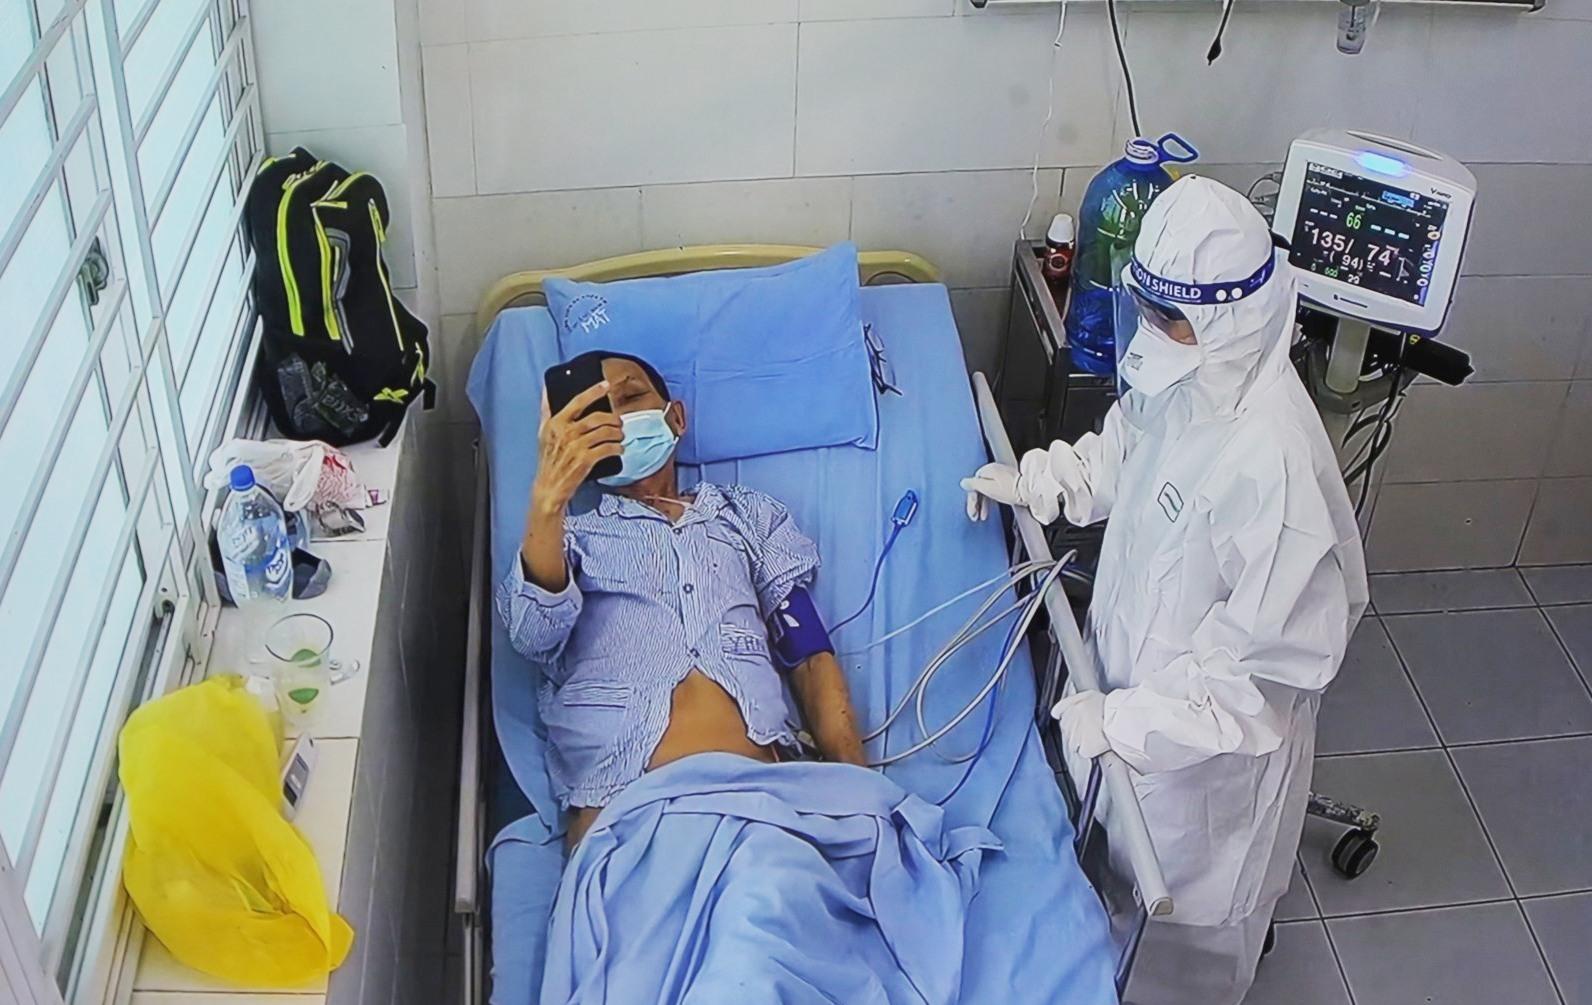 BV Đa khoa Trung ương Quảng Nam là nơi điều trị bệnh nhân Covid-19 thể nặng của Quảng Nam. Ảnh; Đ.Đ